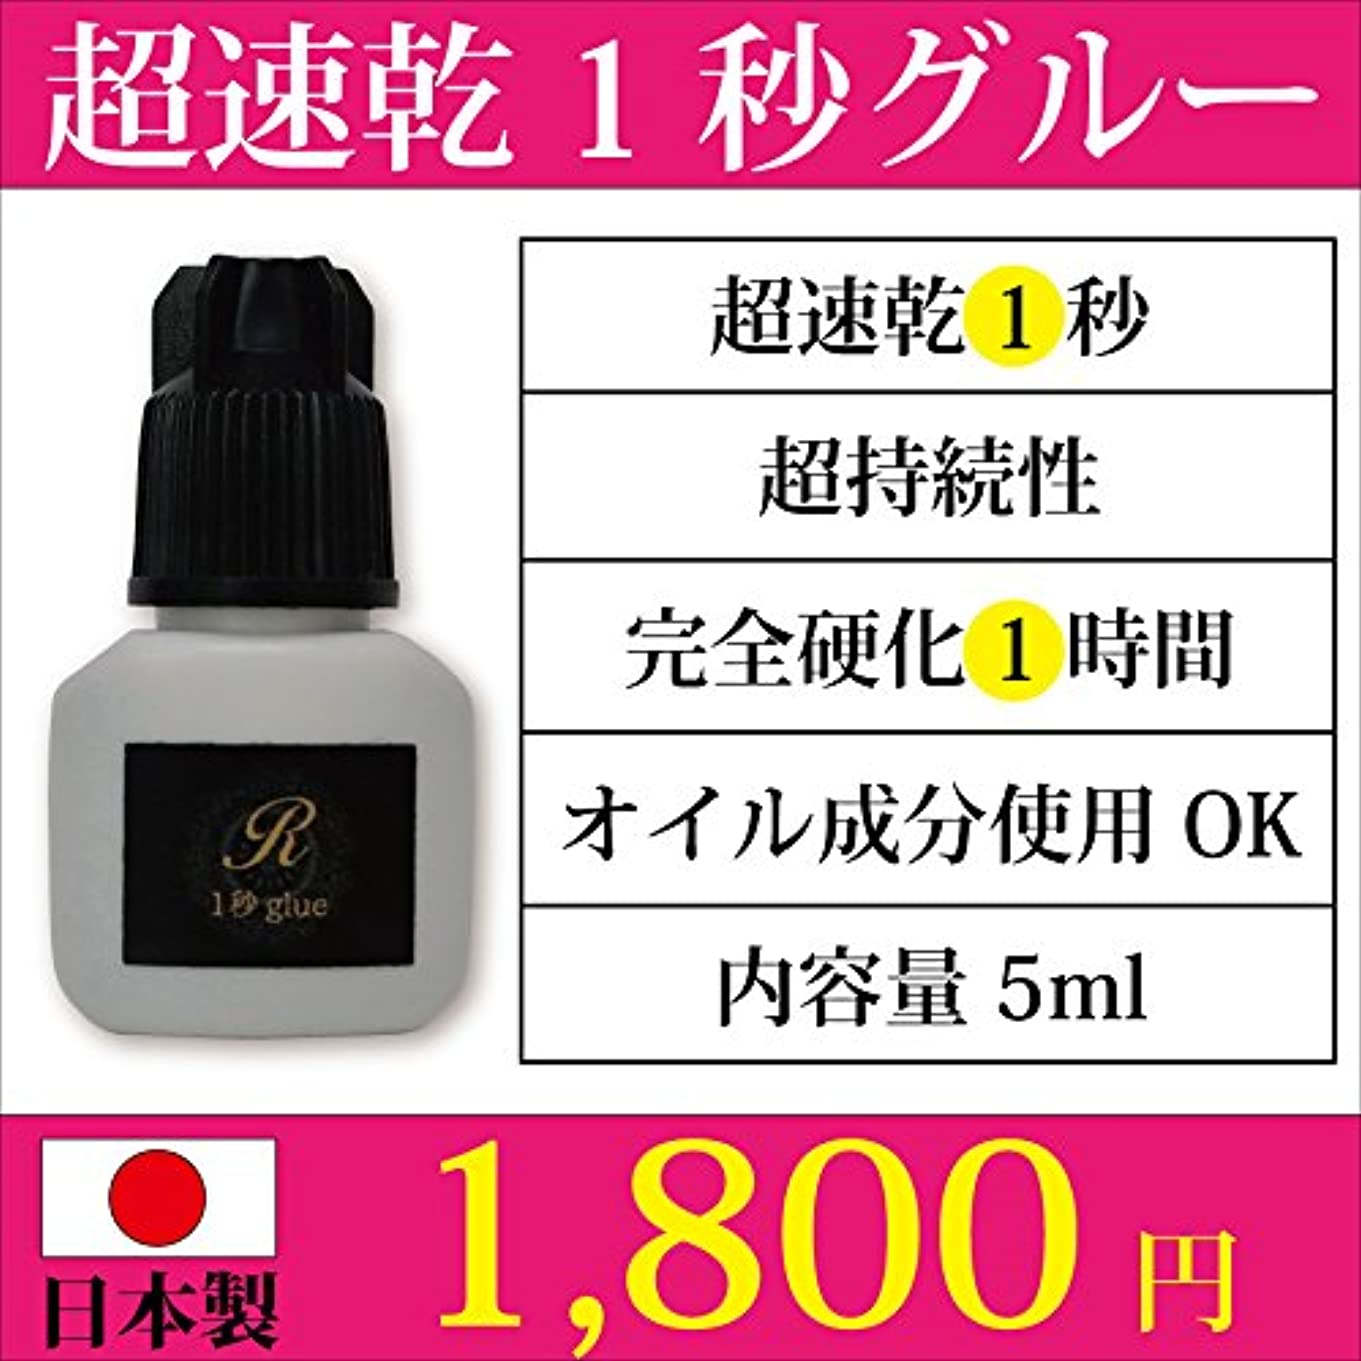 油枕問い合わせる日本製まつげエクステ超吸着1秒グルー 5ml【超速乾】【まつげエクステ】